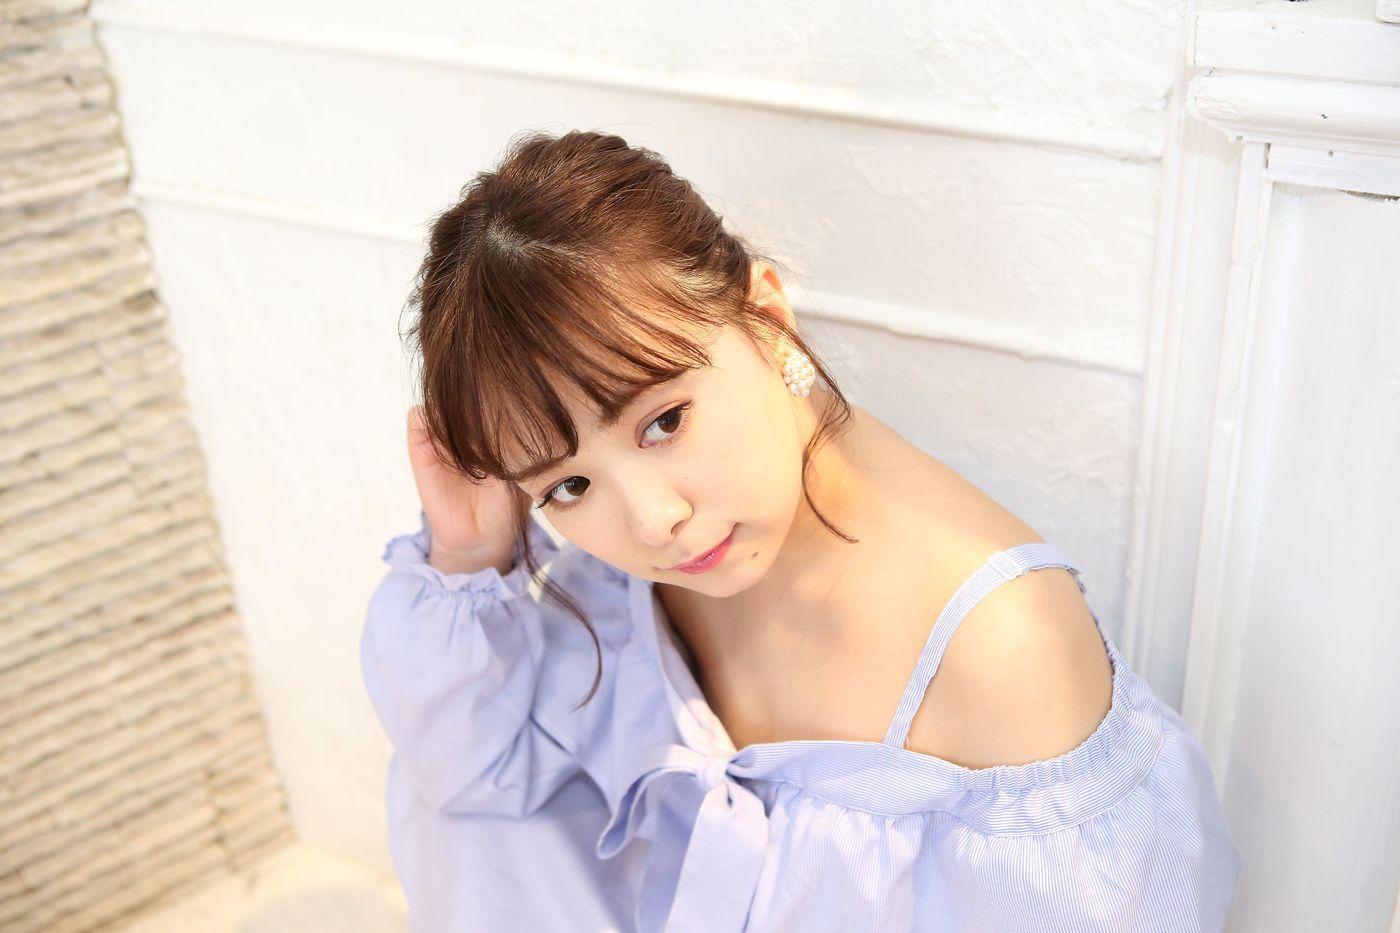 平松可奈子ちゃんの美容法♡変わらない可愛さと強いメンタルの秘密の7枚目の画像